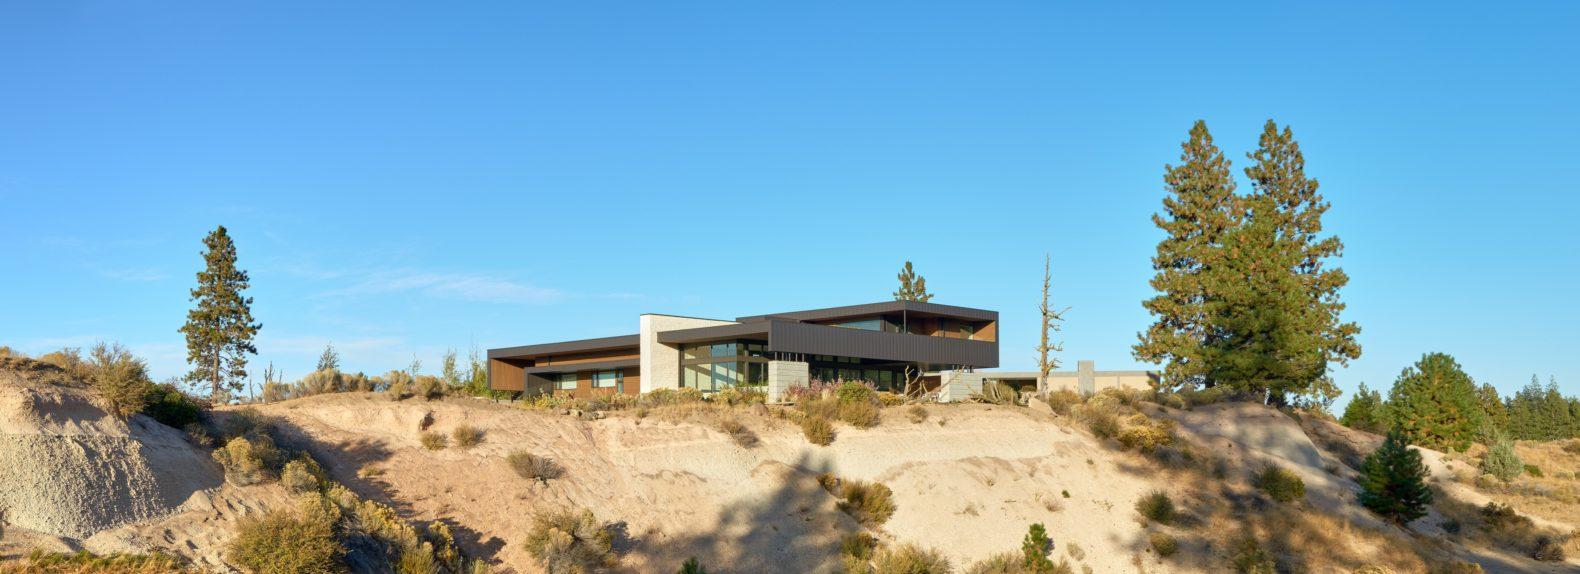 modern architecture golf